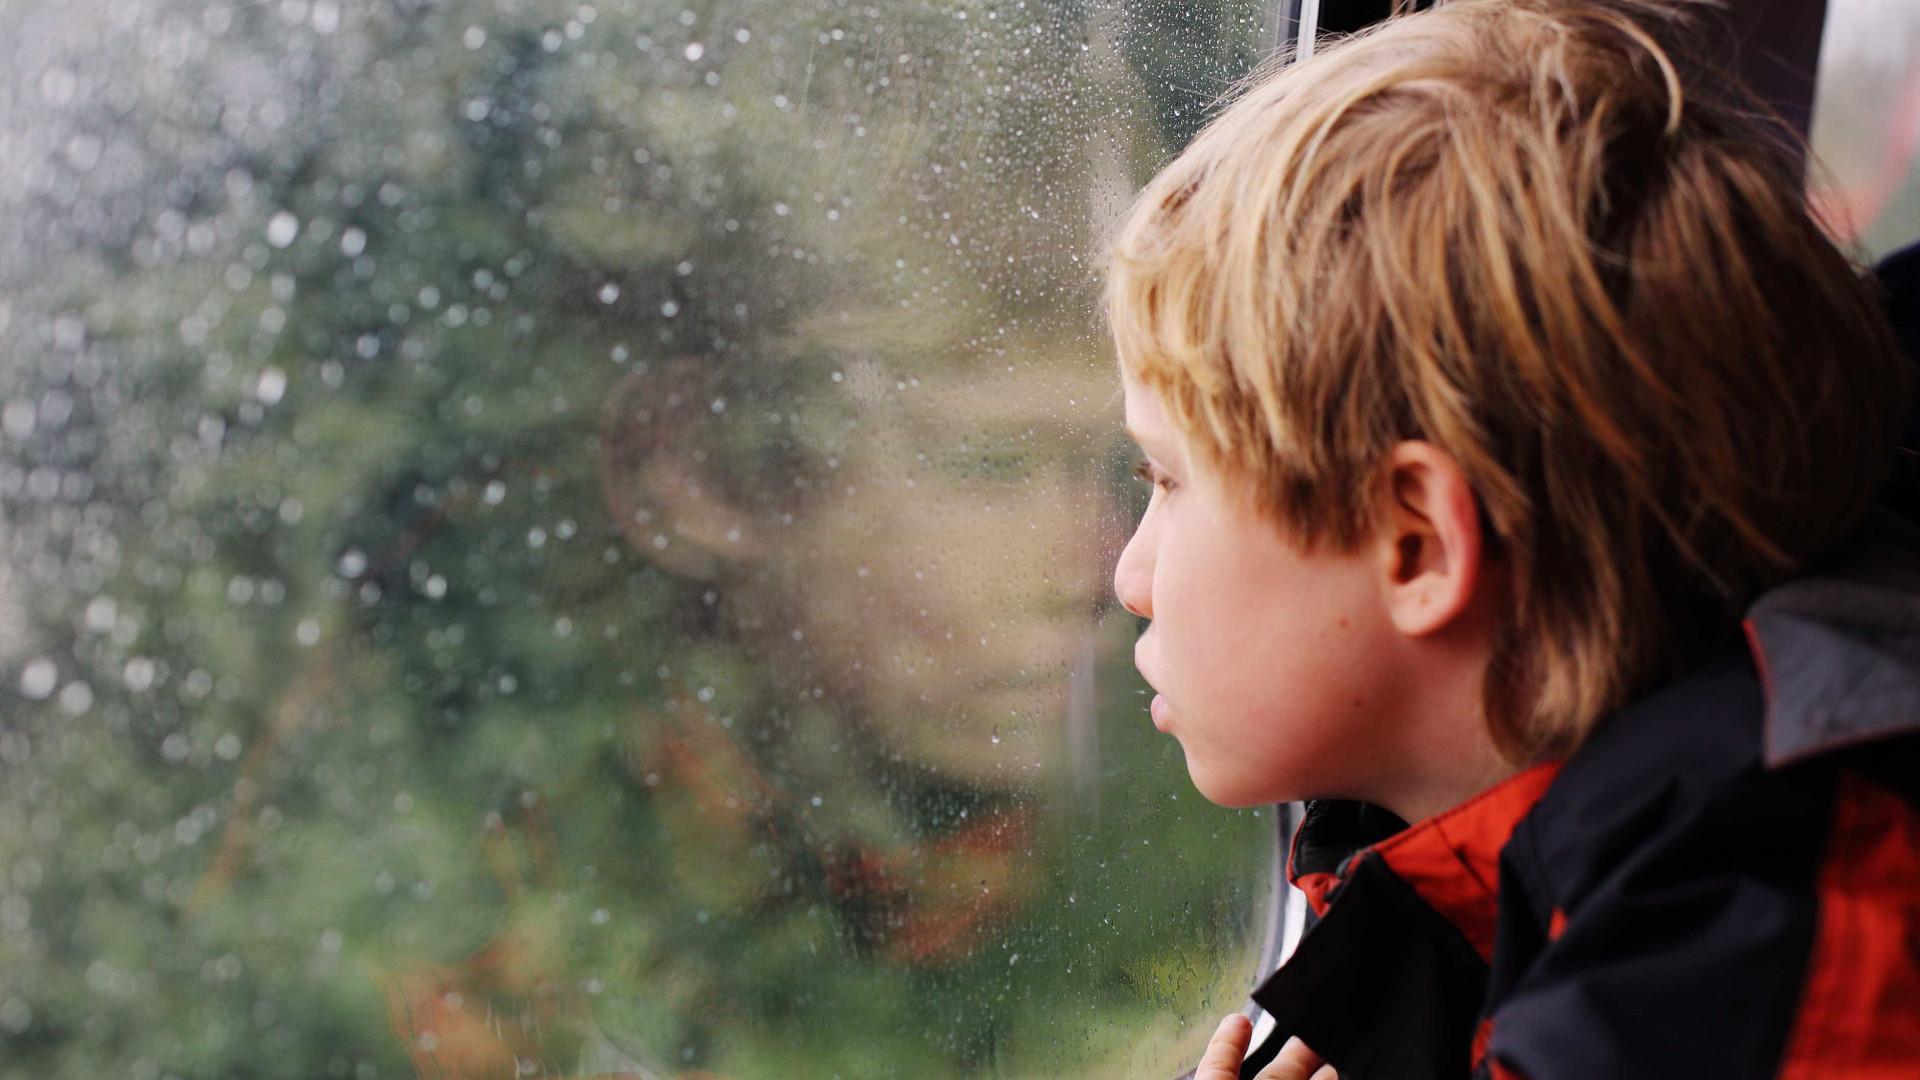 Dia Mundial do Autismo: 10 sinais de alerta para detectar transtorno